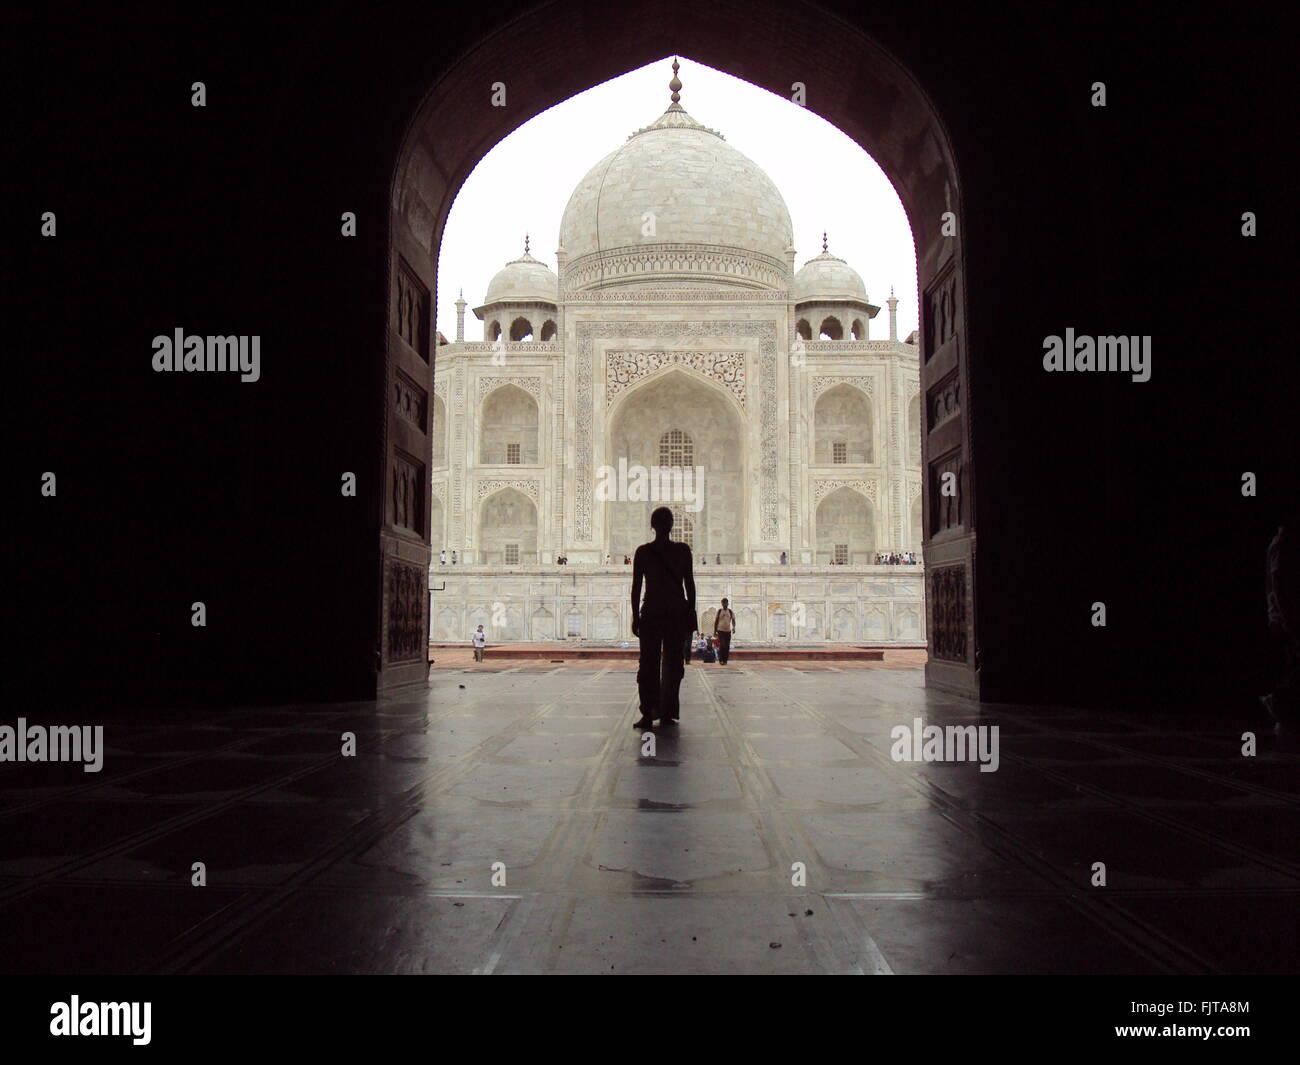 Personne debout à Archway en face du Taj Mahal Photo Stock